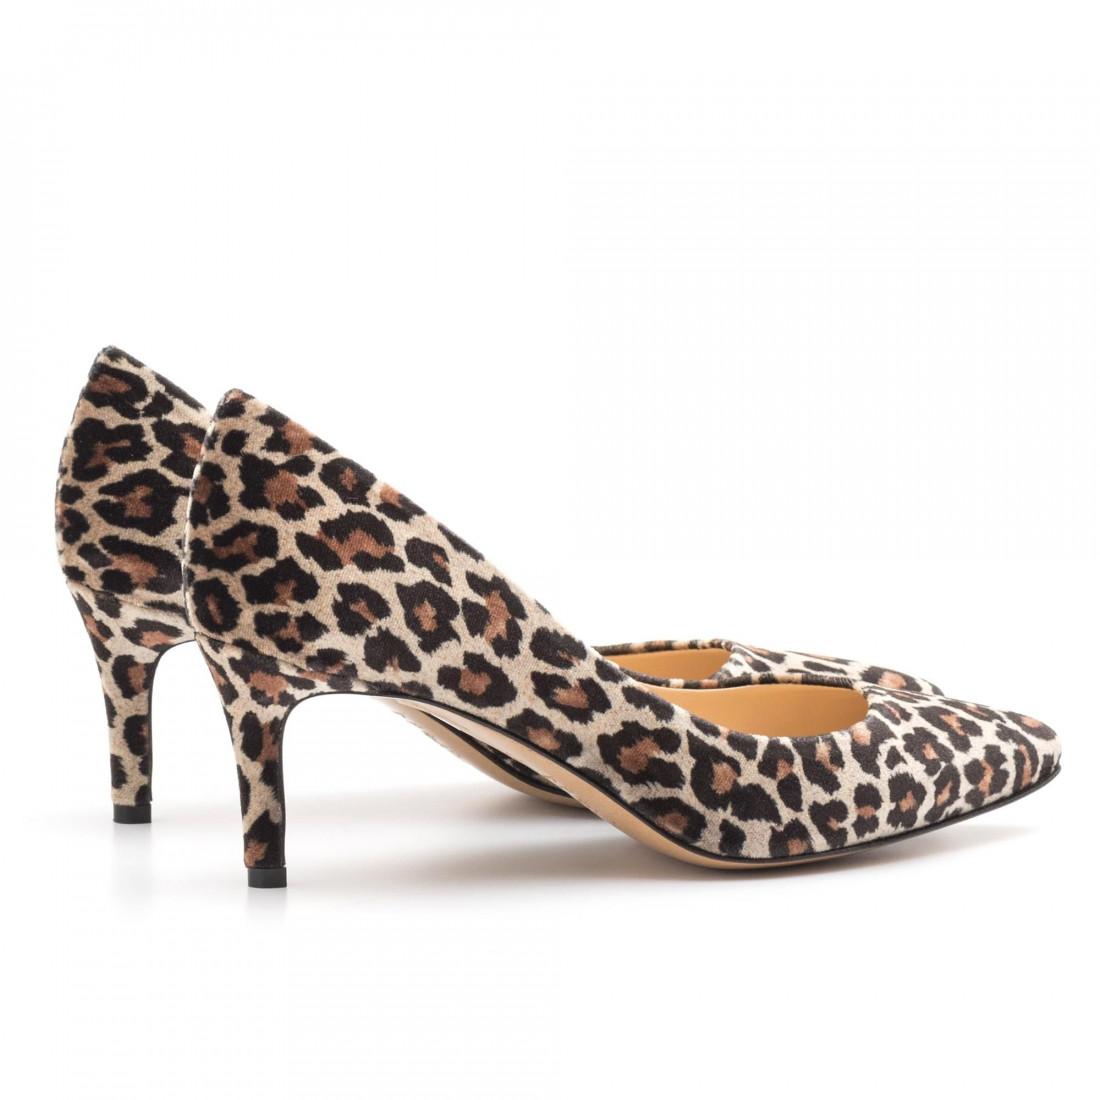 pumps woman larianna de 1111leopardo taupe 3905